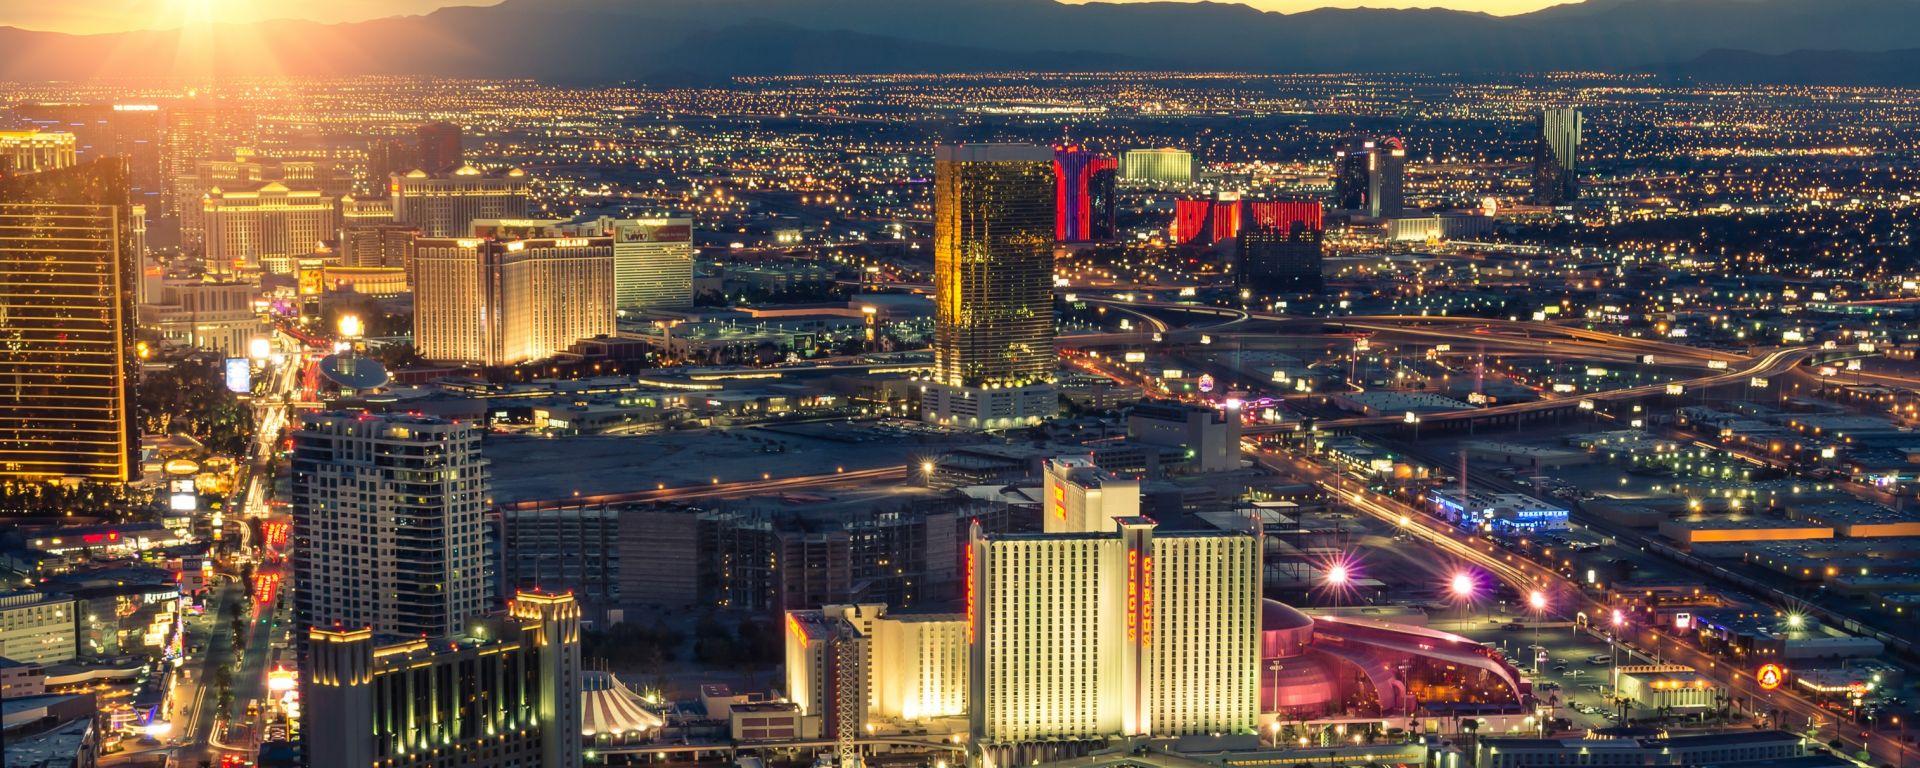 CES 2019, al via a Las Vegas il Consumer Electronics Show